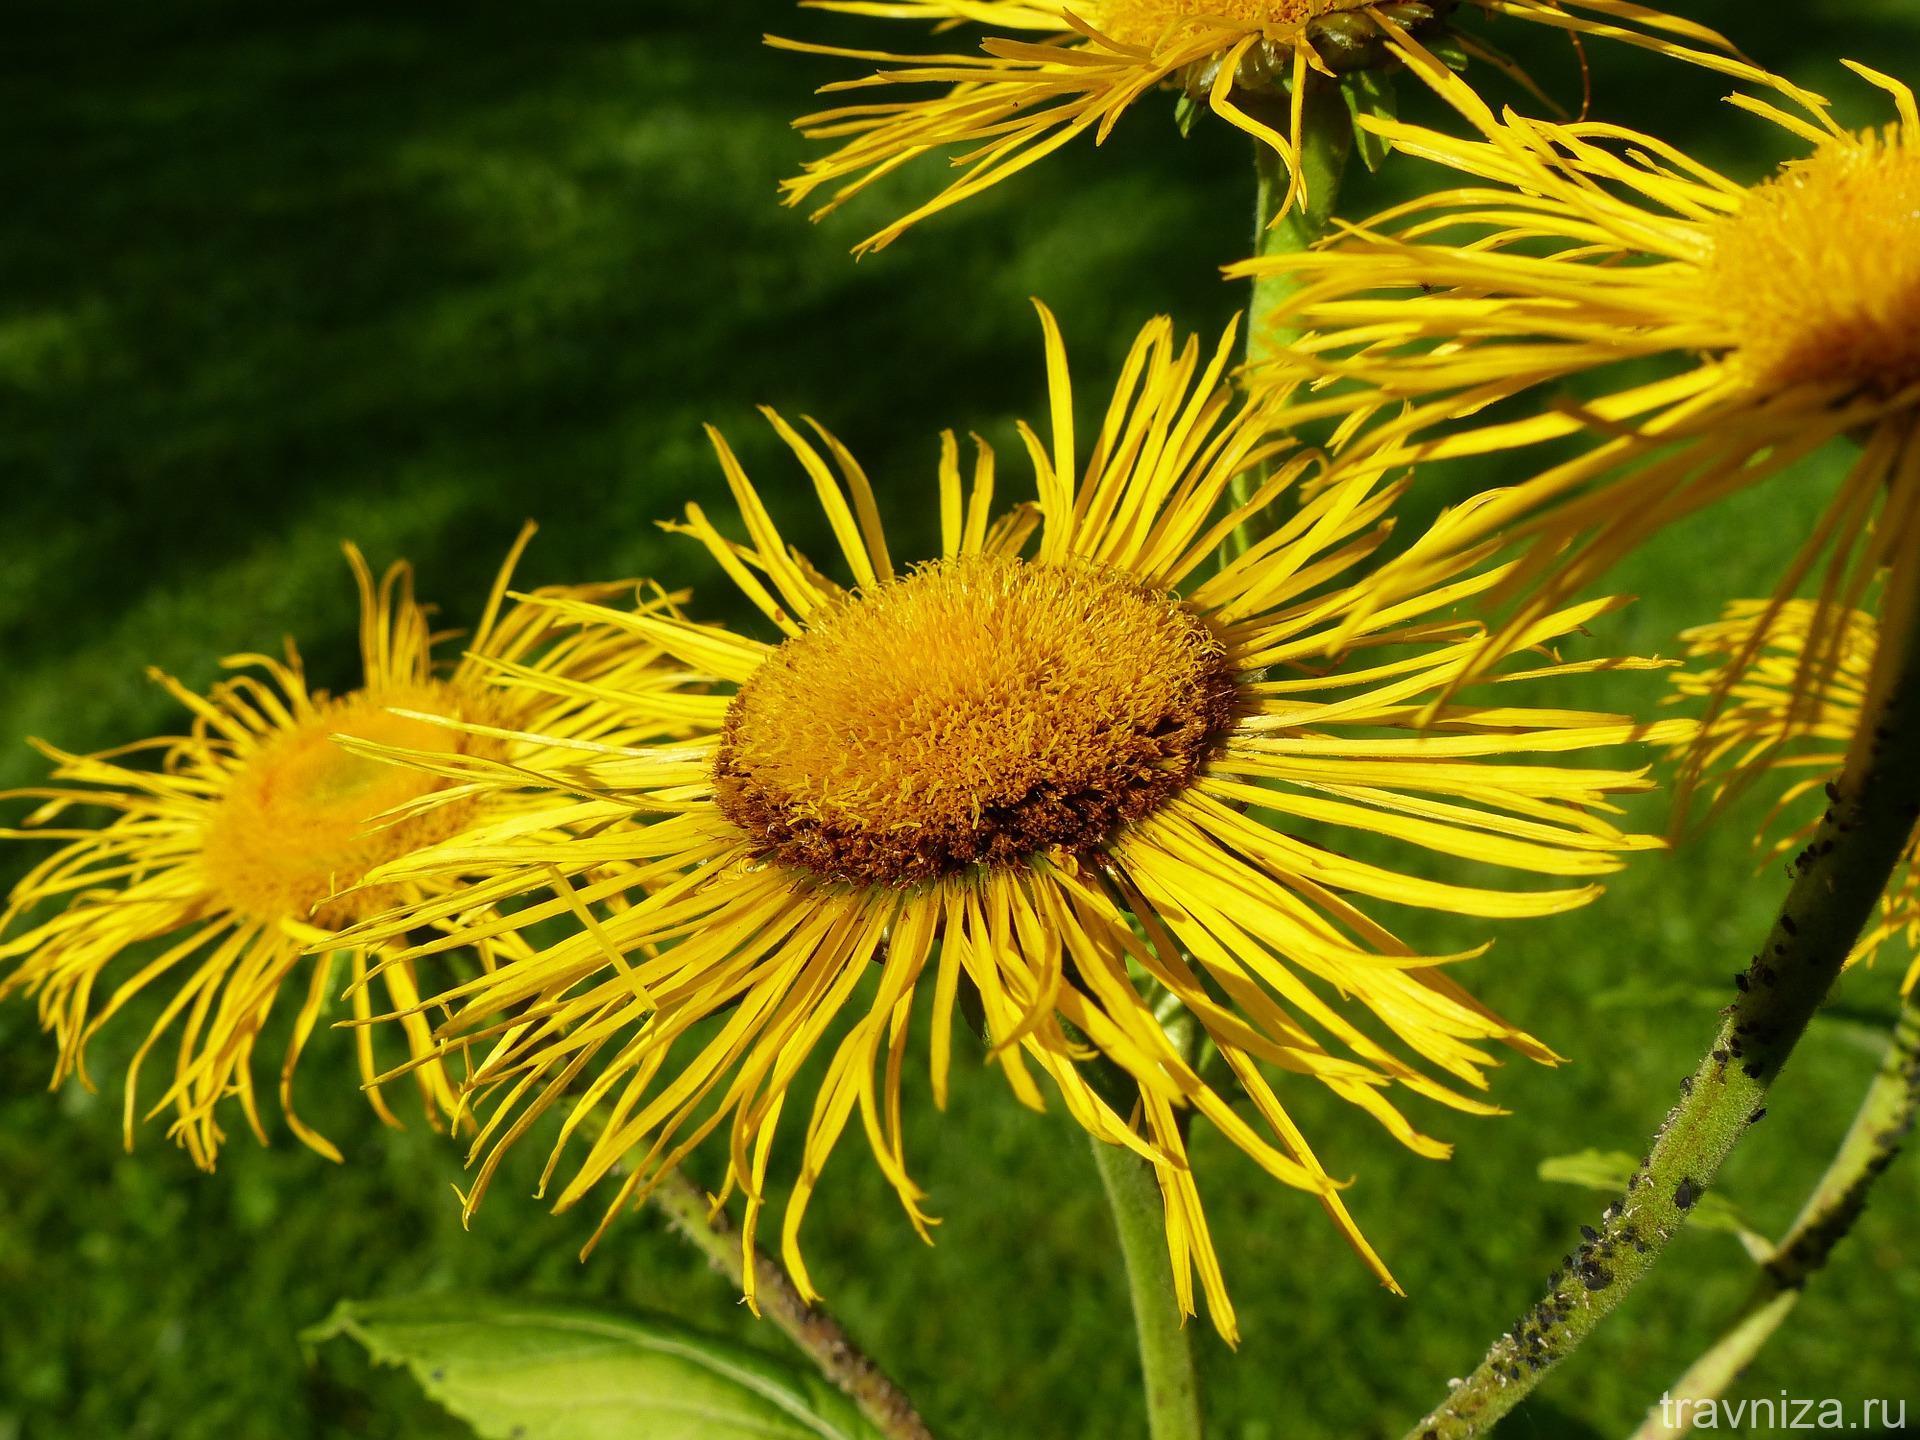 цветок девясила высокого